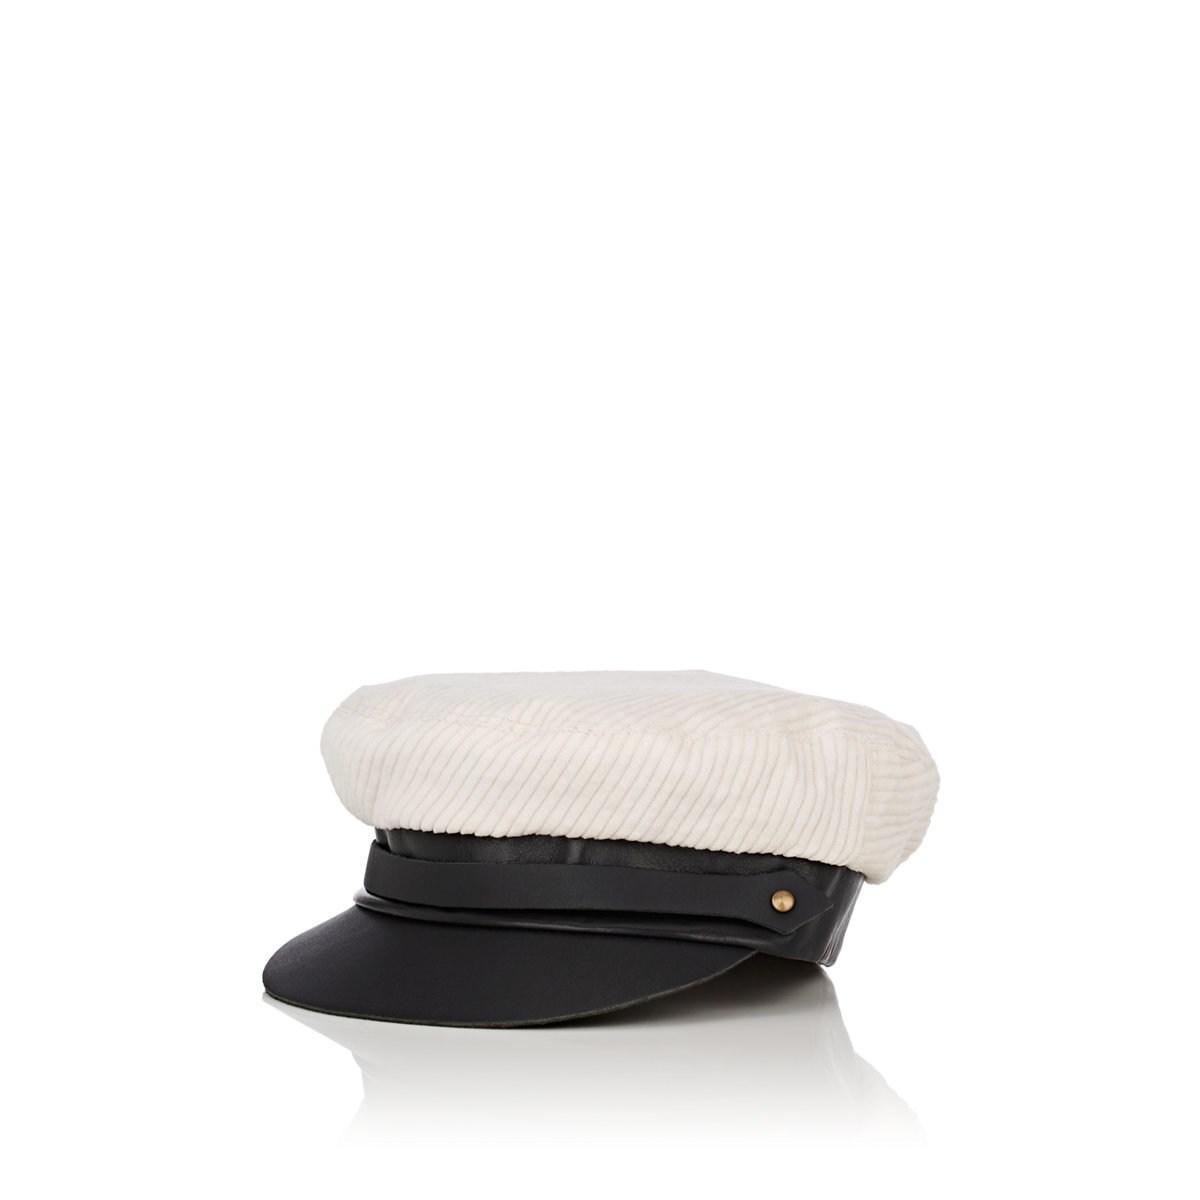 7ea541dbb713a Lola Hats. Women s Corto Maltese Corduroy Chauffeur Cap